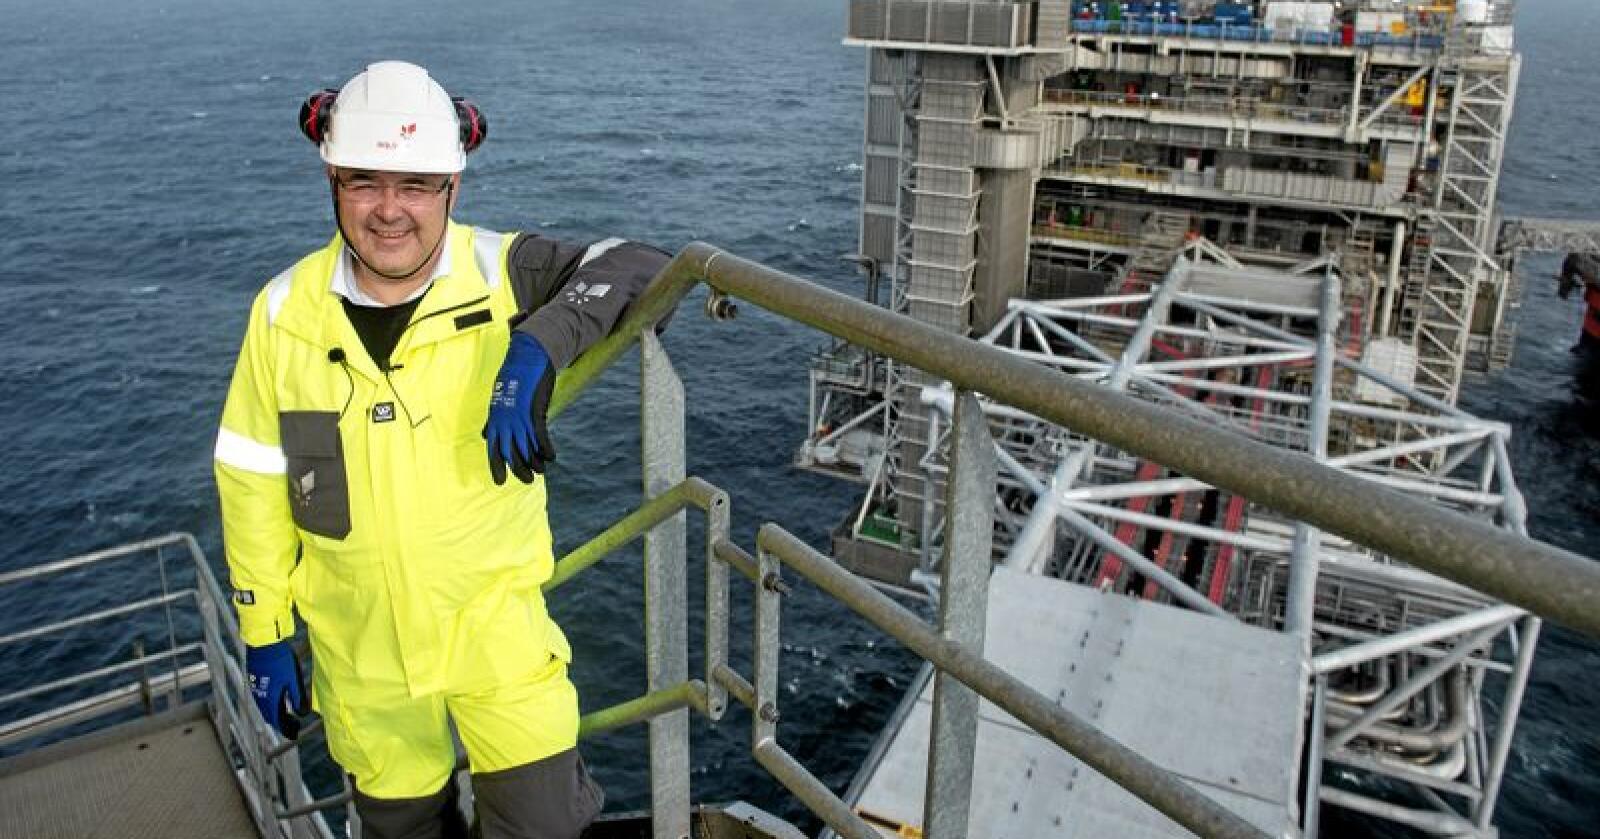 Olje- og energiminister Kjell-Børge Freiberg på Johan Sverdrup, som blir ett av feltene med lavest klimautslipp i verden. Foto: Carina Johansen / NTB Scanpix